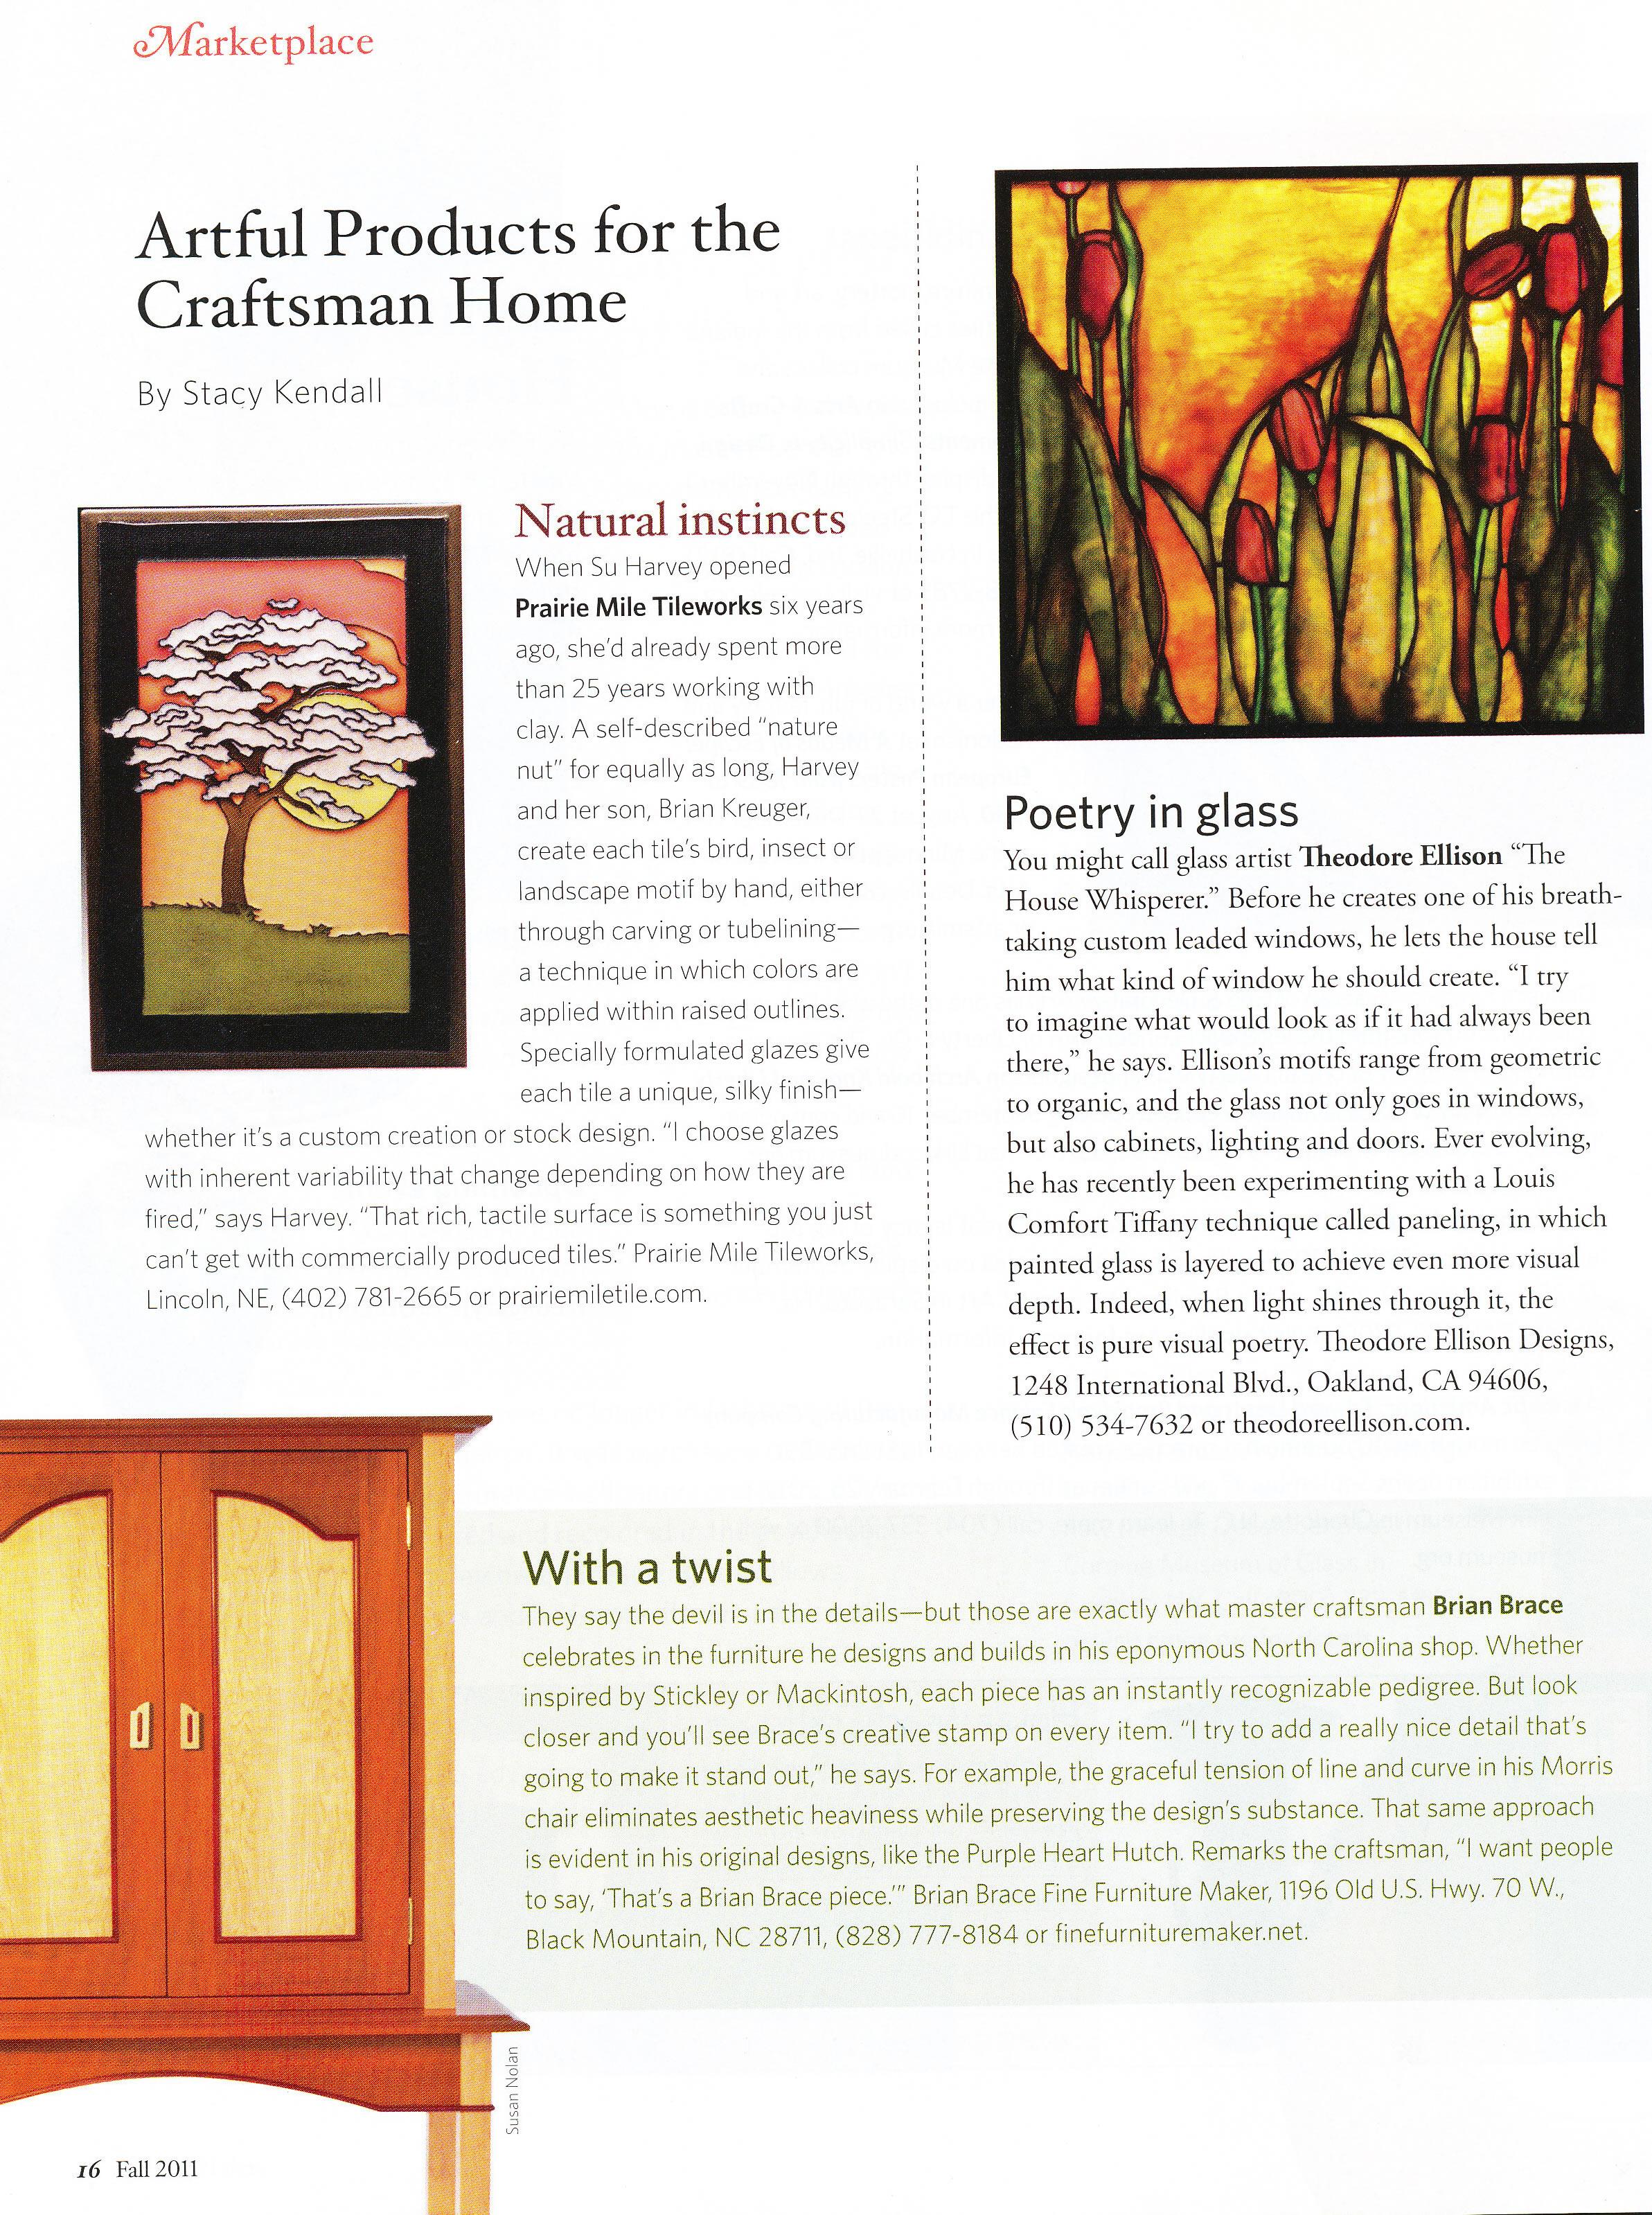 Brian brace fine furniture maker Arts and crafts home magazine